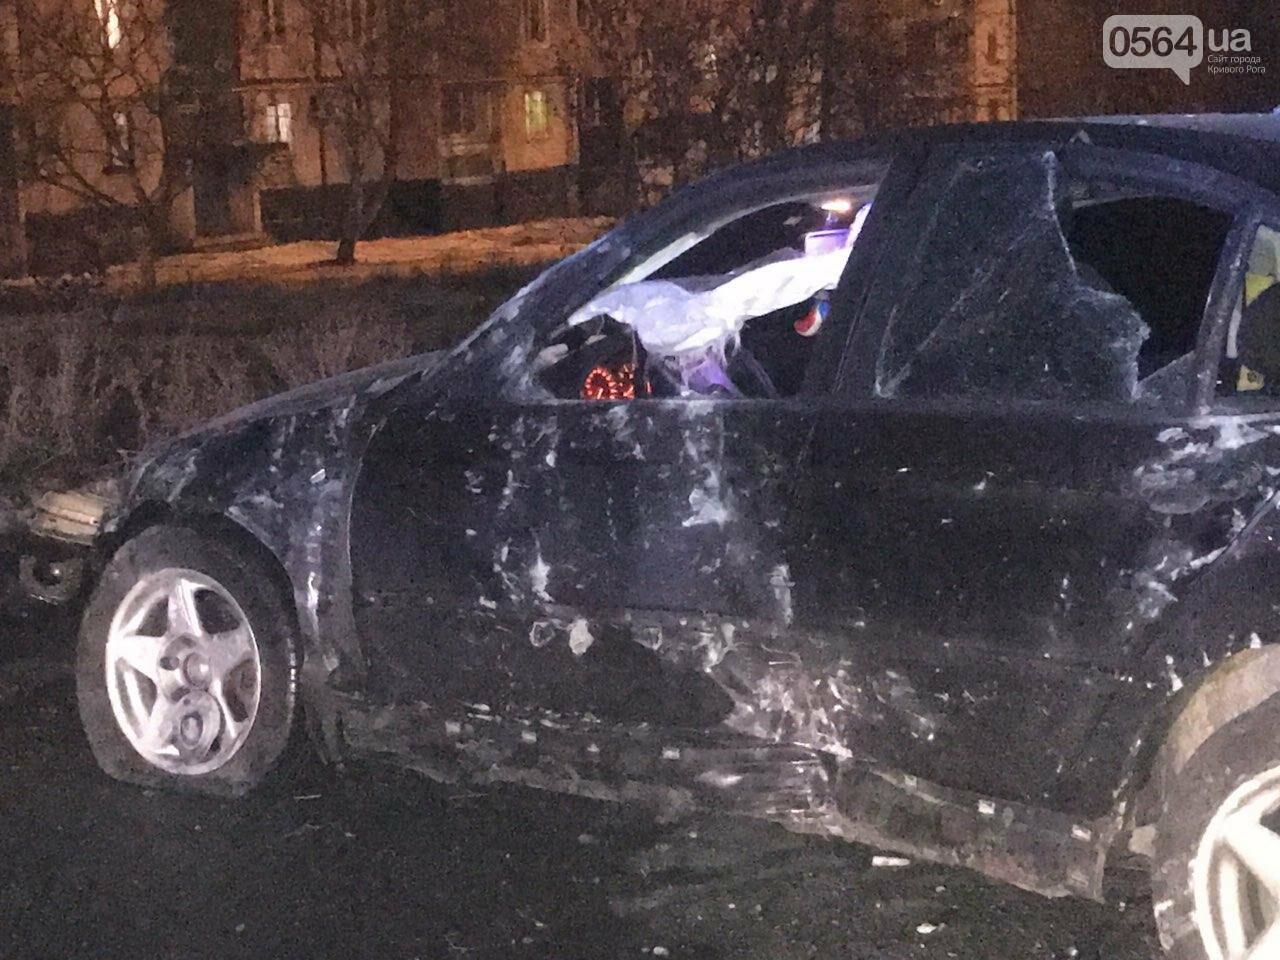 """В Кривом Роге """"BMW"""" снес забор стоянки: повреждено около 10 машин, есть пострадавший, - ФОТО , фото-11"""